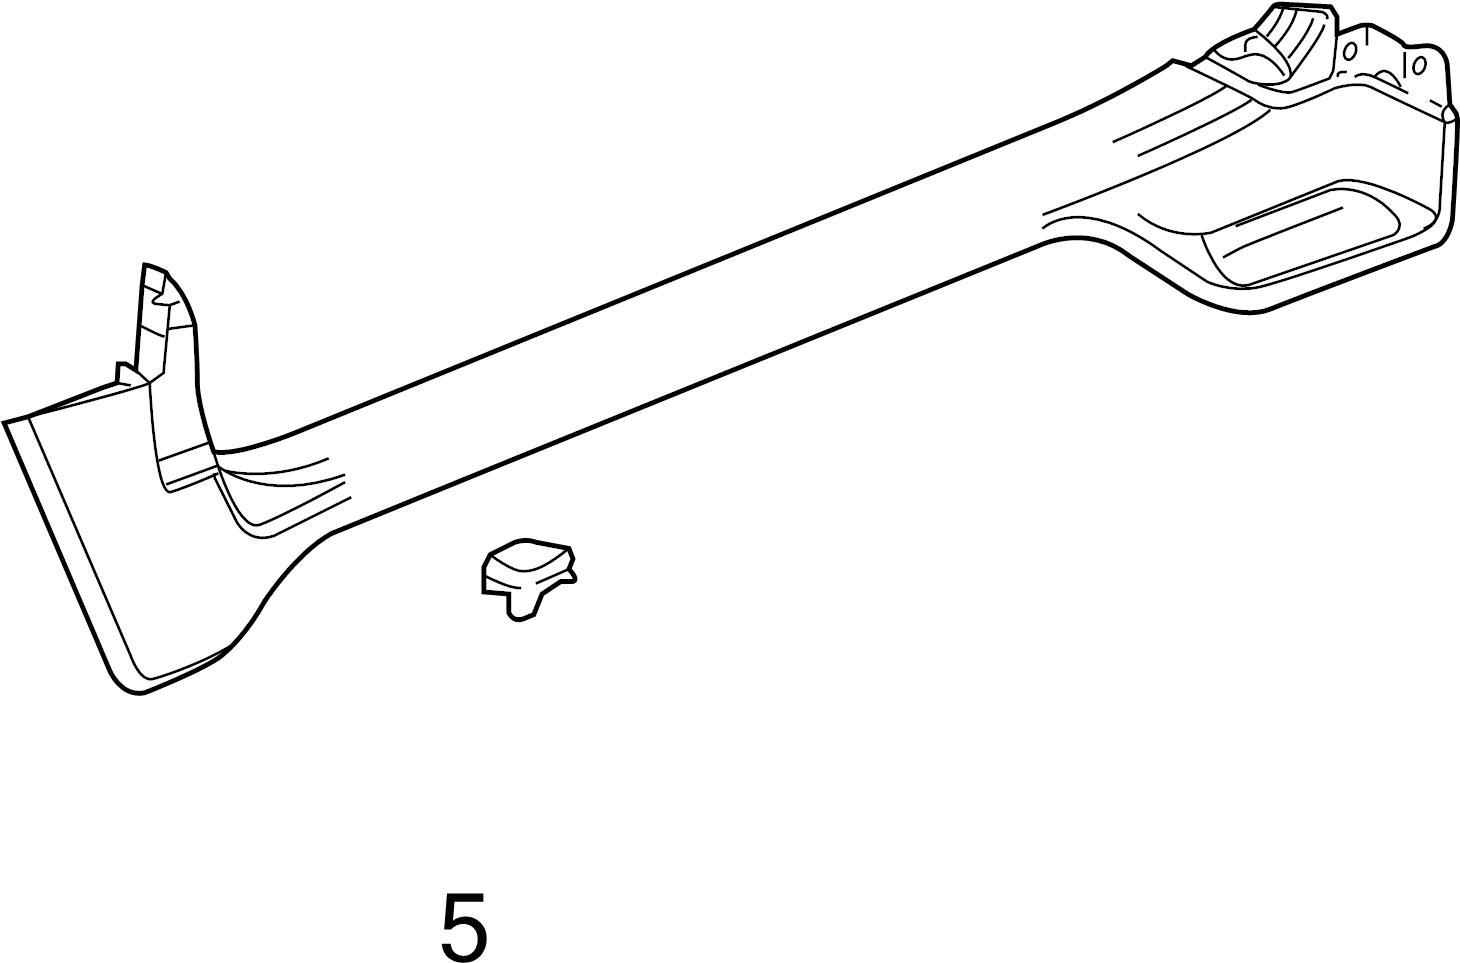 Buick Regal Carpet Retainer Clip Cowl Trim Clip